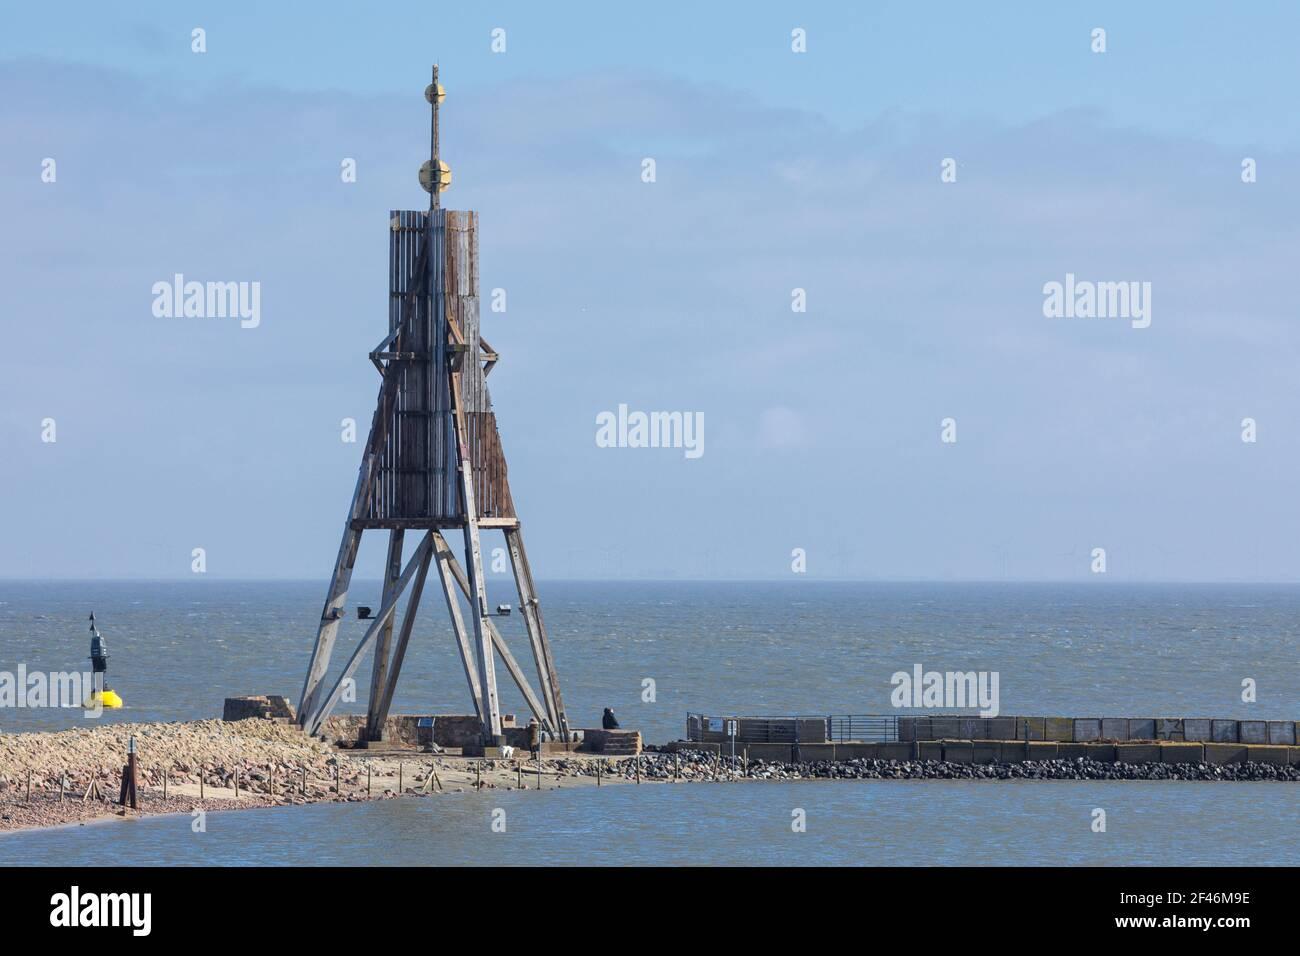 Kugelbake ou ball Beacon, point de repère de la ville de Cuxhaven sur l'estuaire de l'Elbe, Banque D'Images